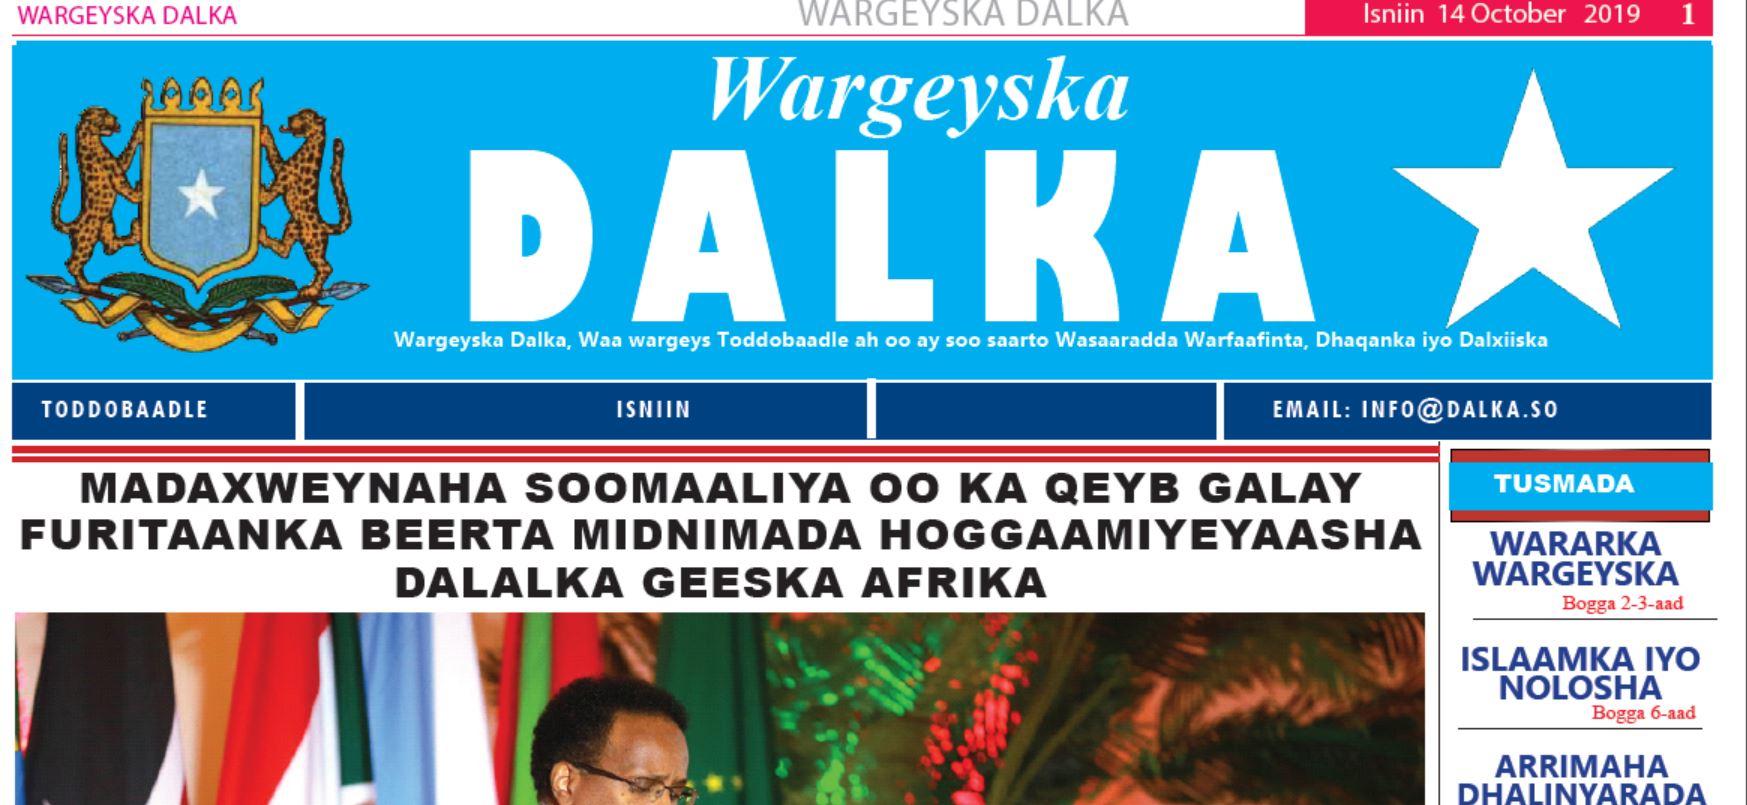 Wargeyska Dalka Isniin14 October 2019